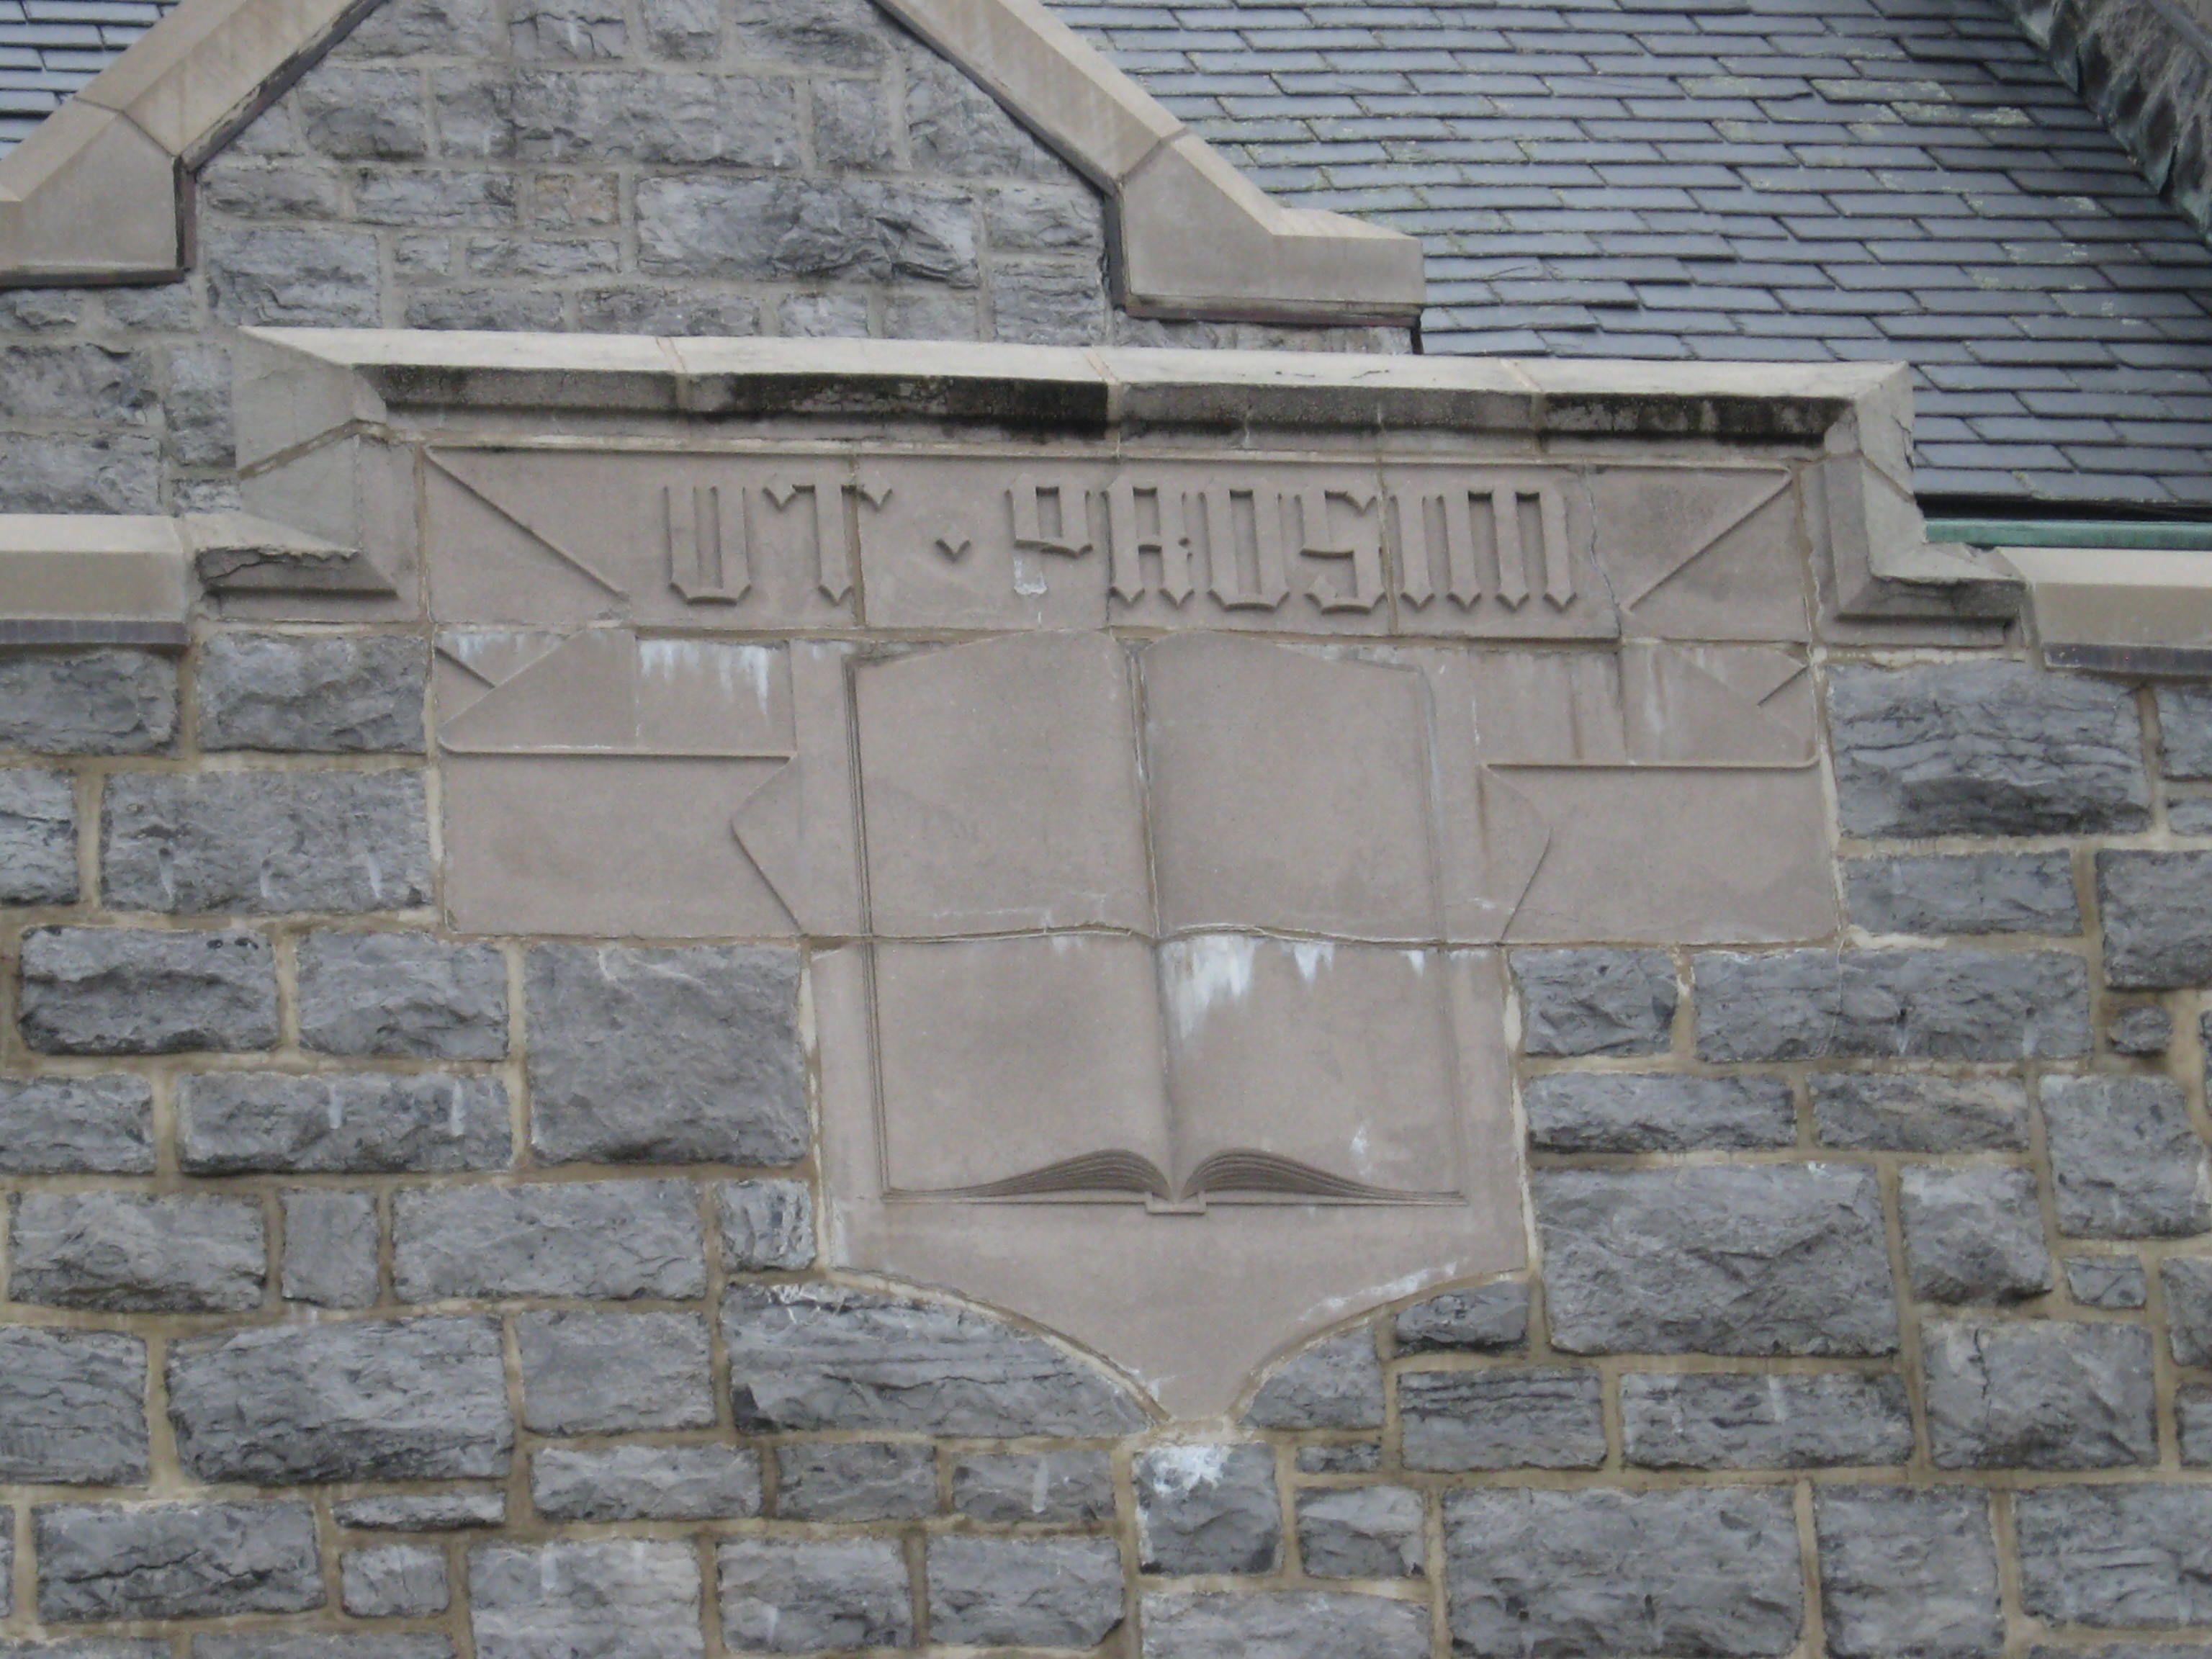 Ut Prosim That I May Serve. The university's motto